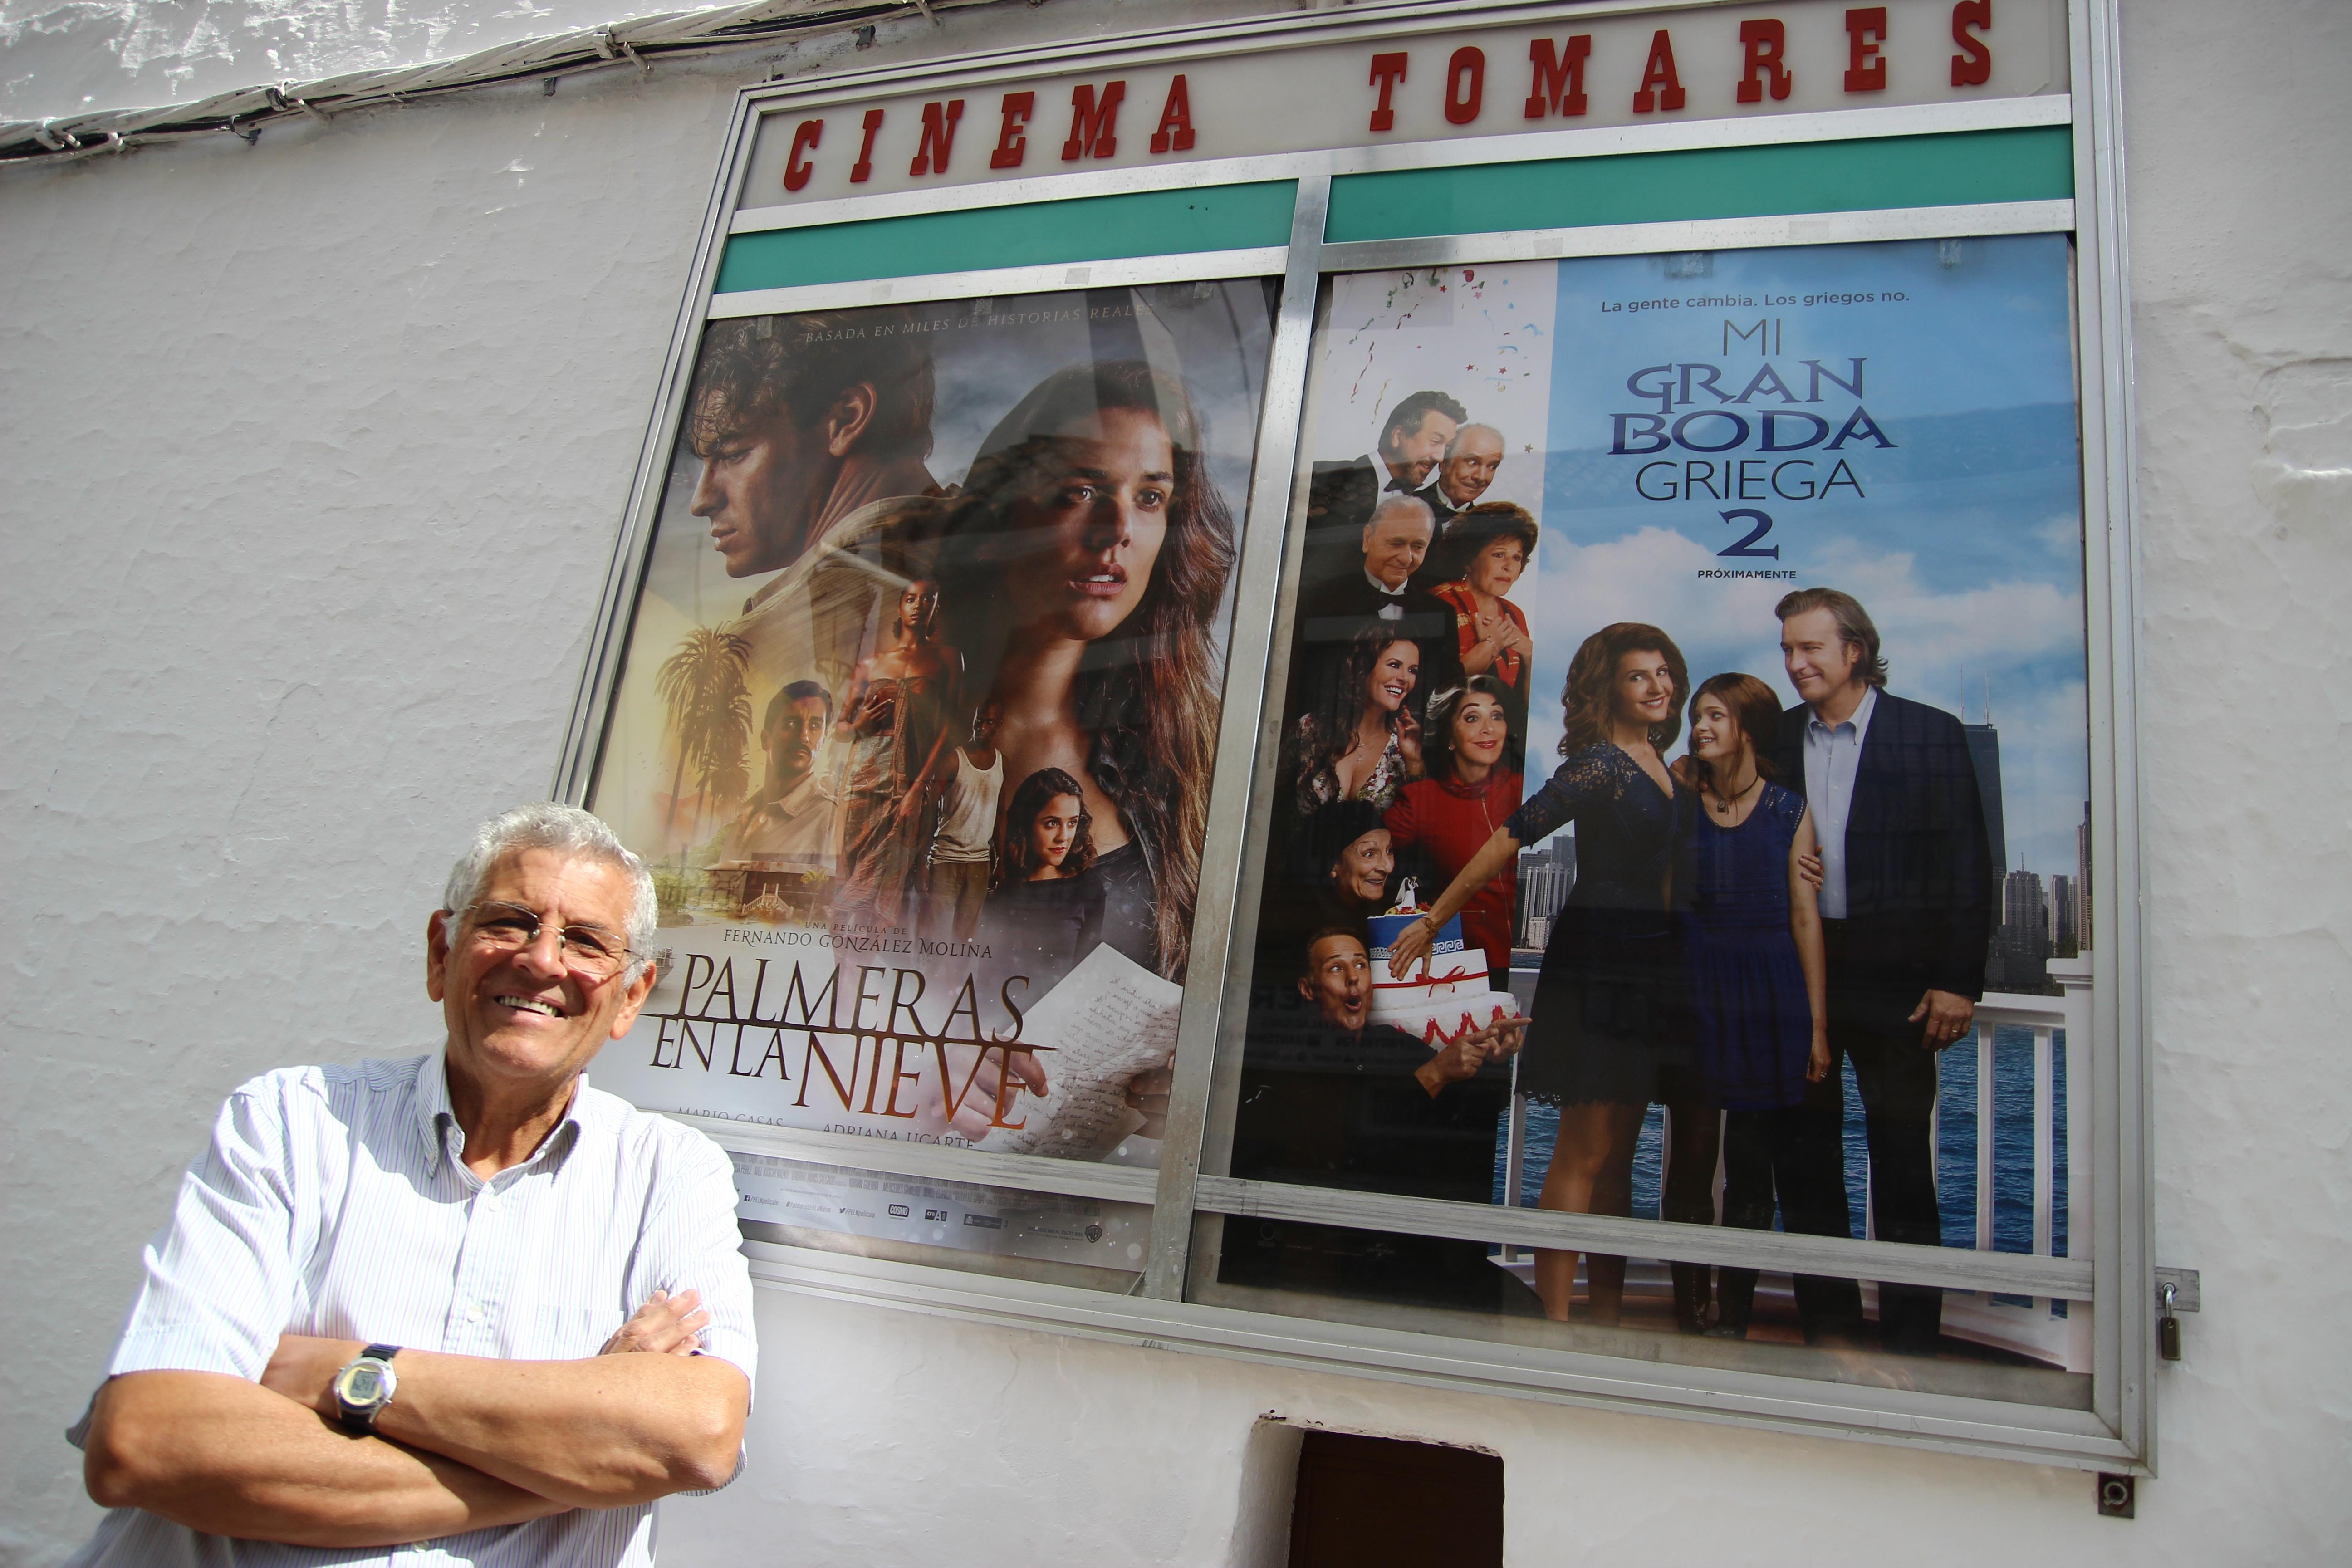 El cine de la familia Cansino abre sus puertas este viernes con una película infantil